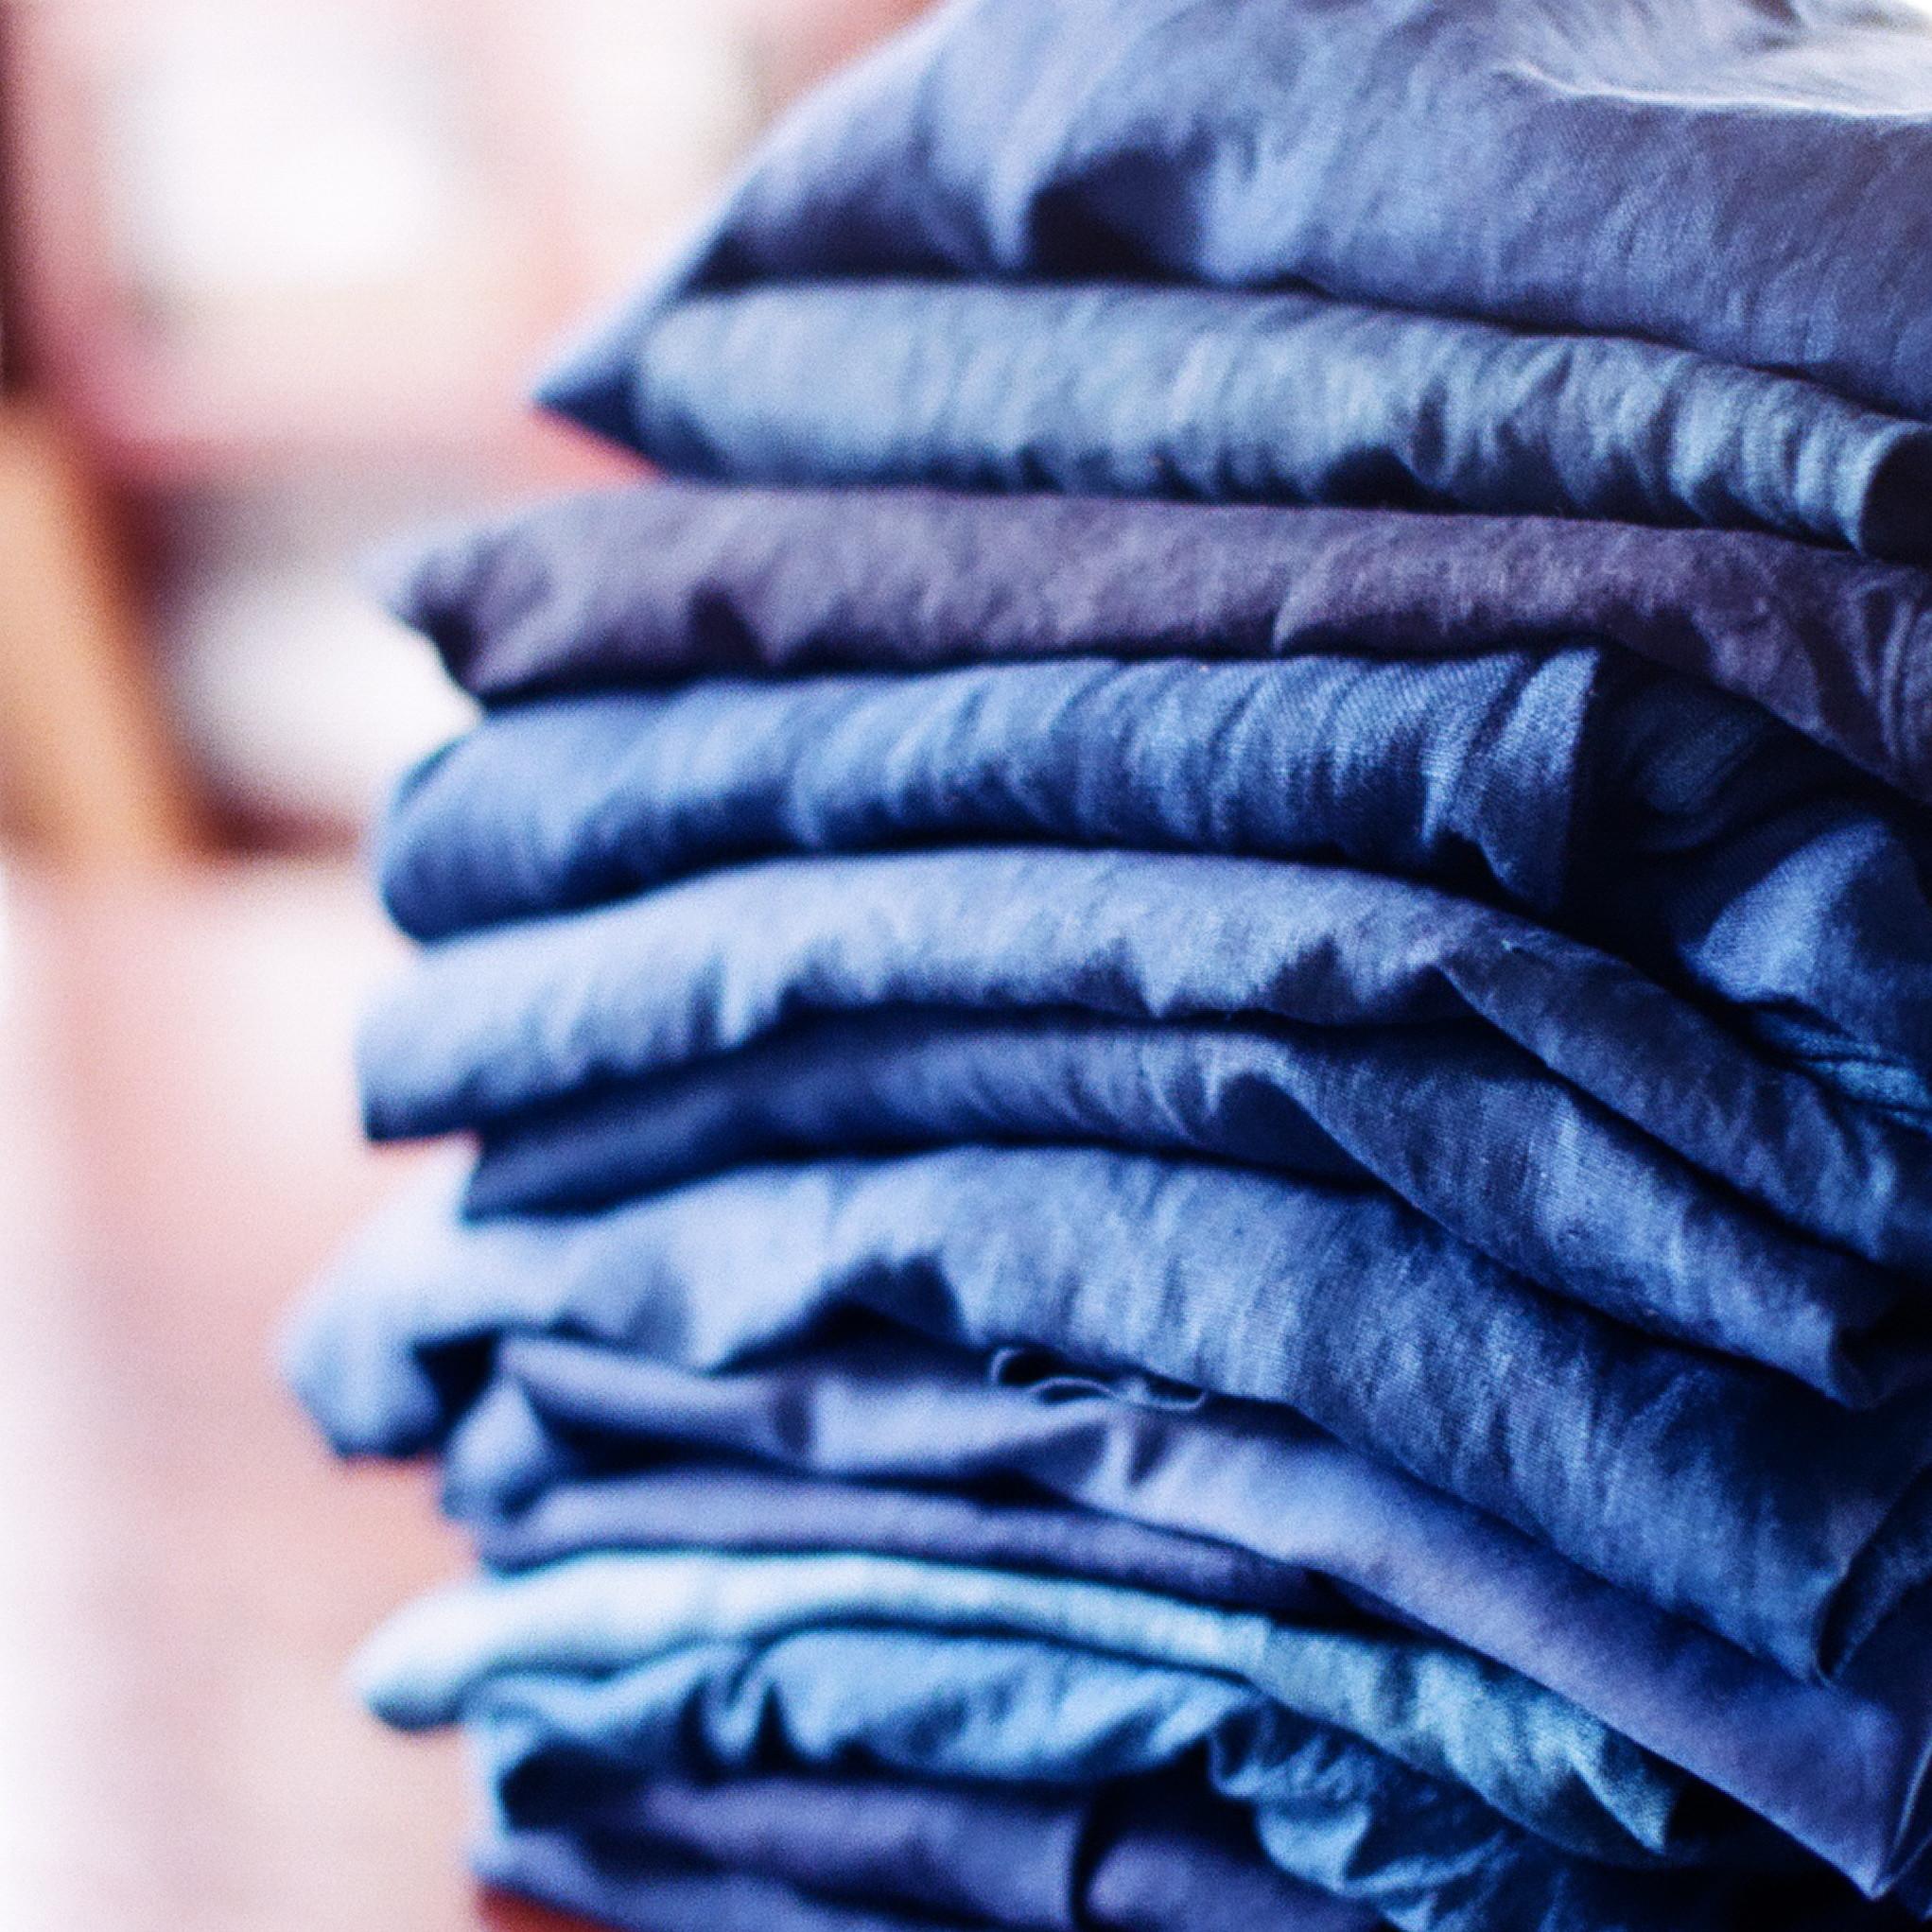 草木染め 本藍 琉球藍 indigo dyed linen dress and blouse 天然 藍染めしたリネン ワンピース シャツブラウス